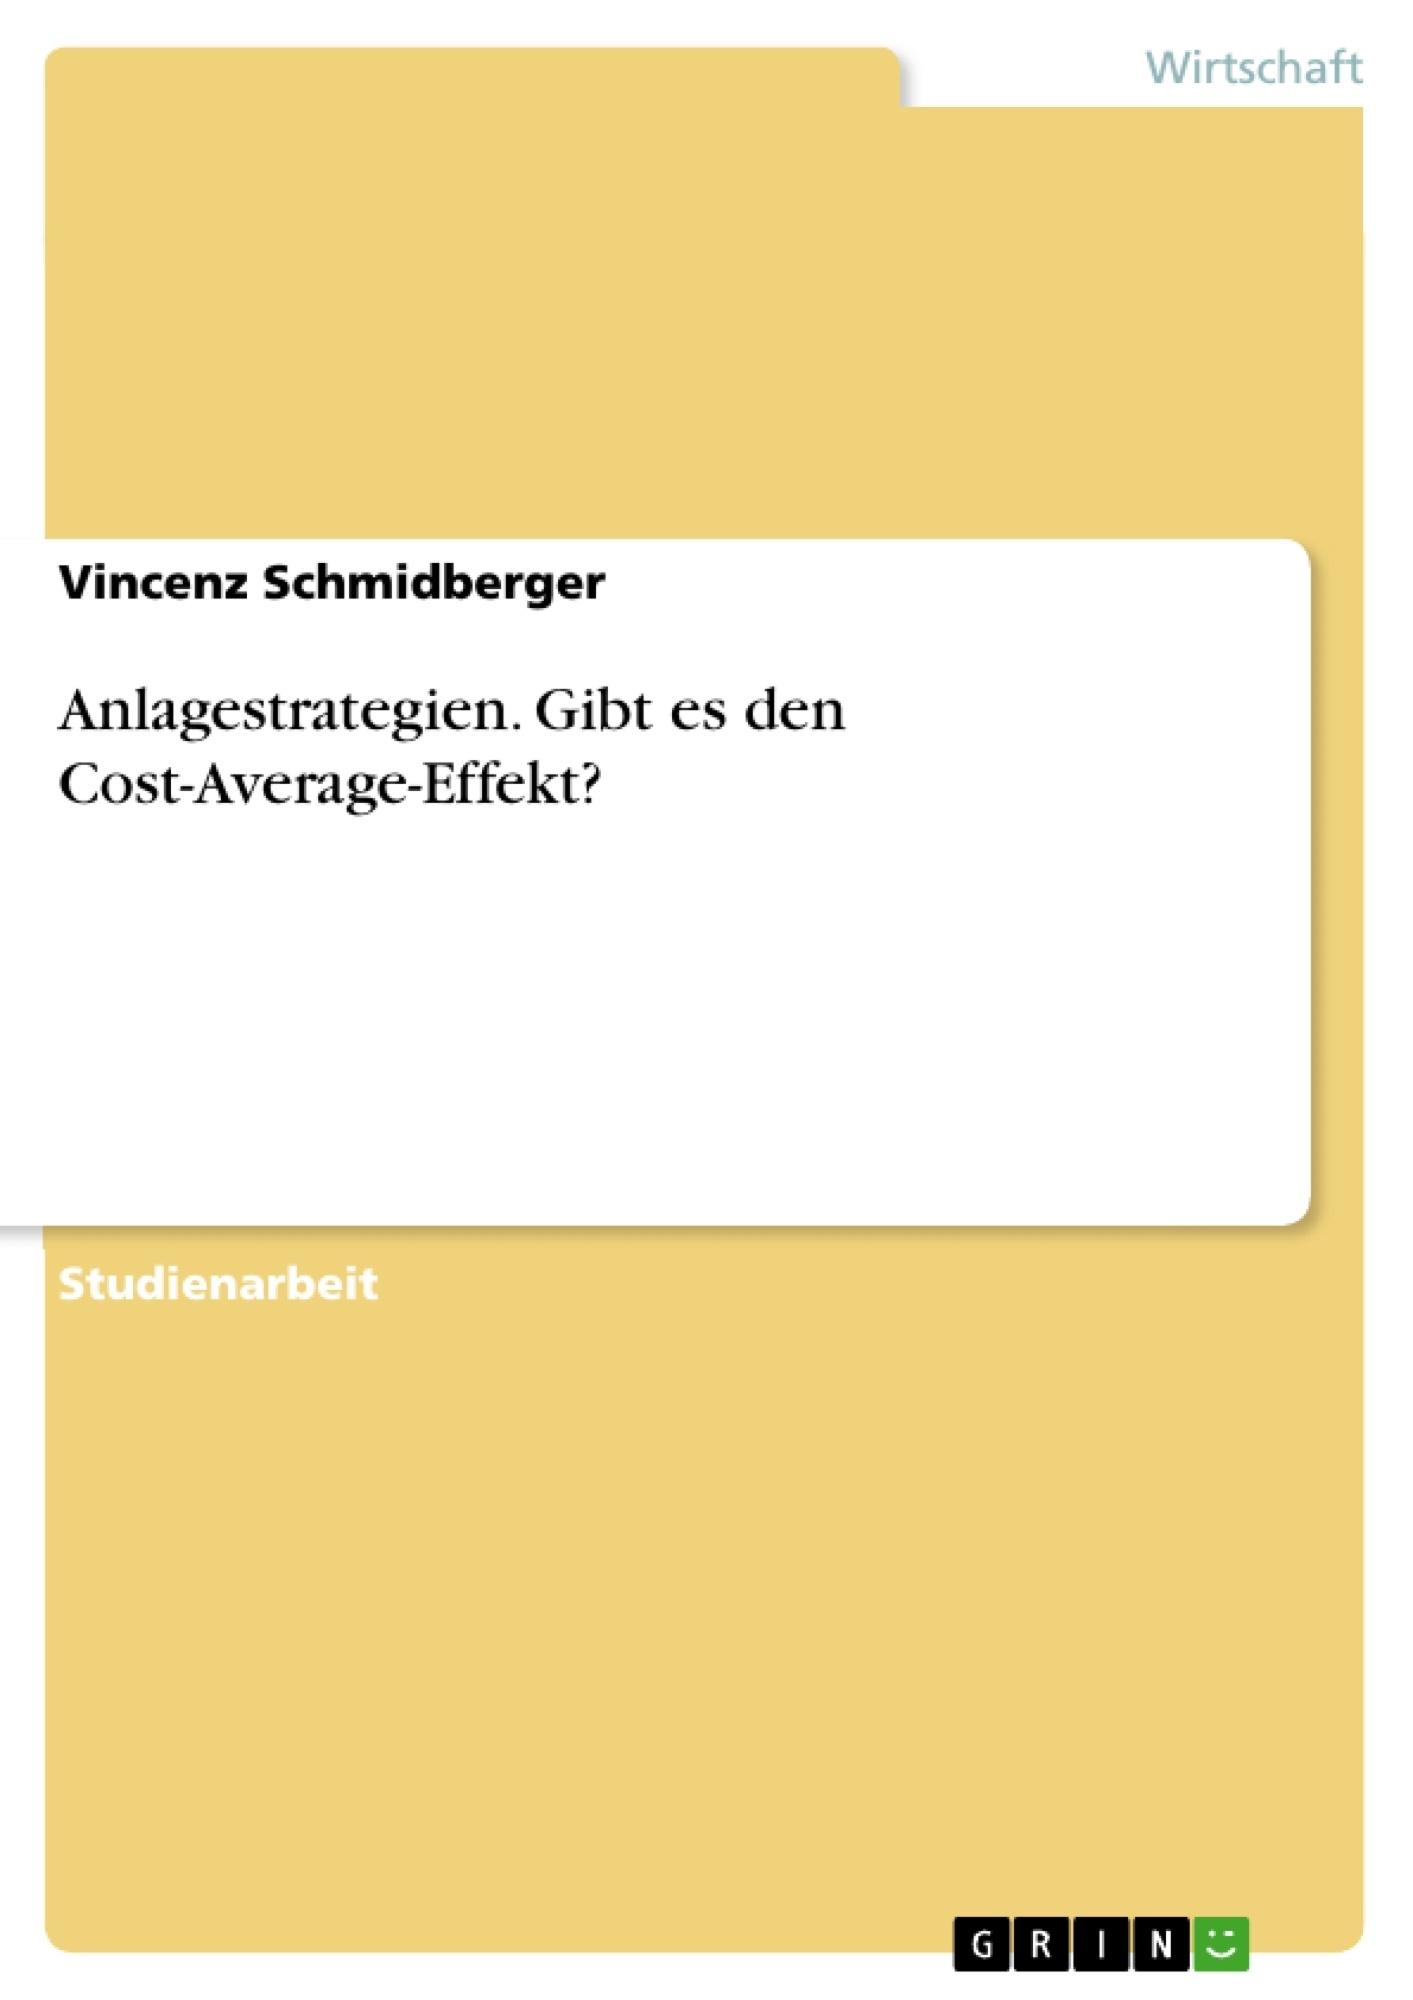 Titel: Anlagestrategien. Gibt es den Cost-Average-Effekt?